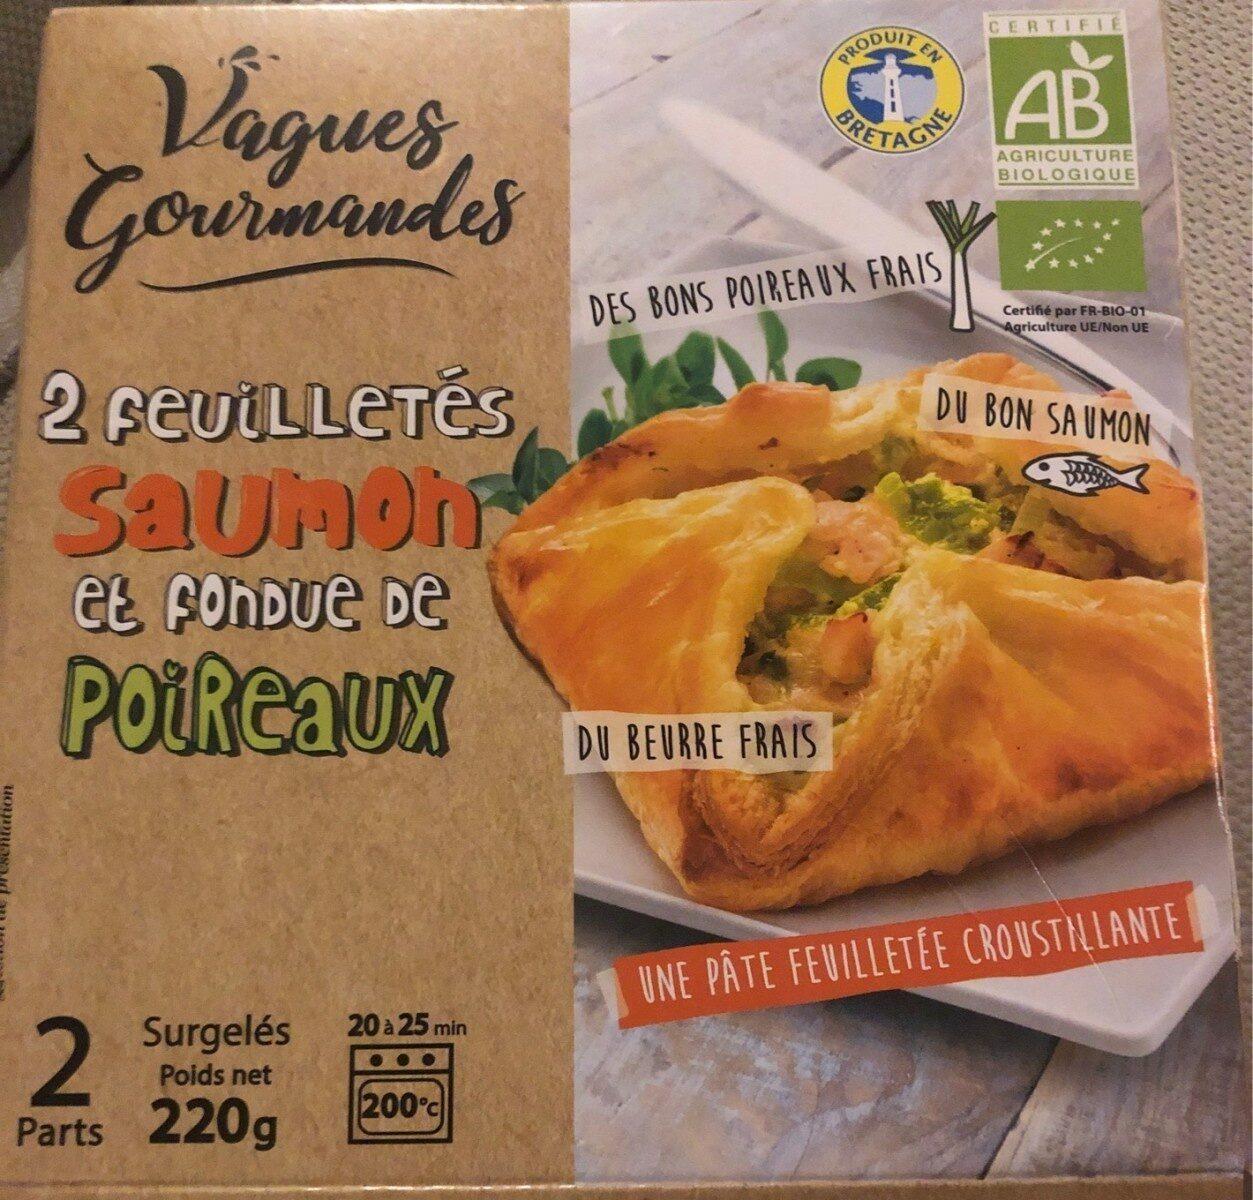 Feuilletes saumon et fondue de poireaux - Produit - fr